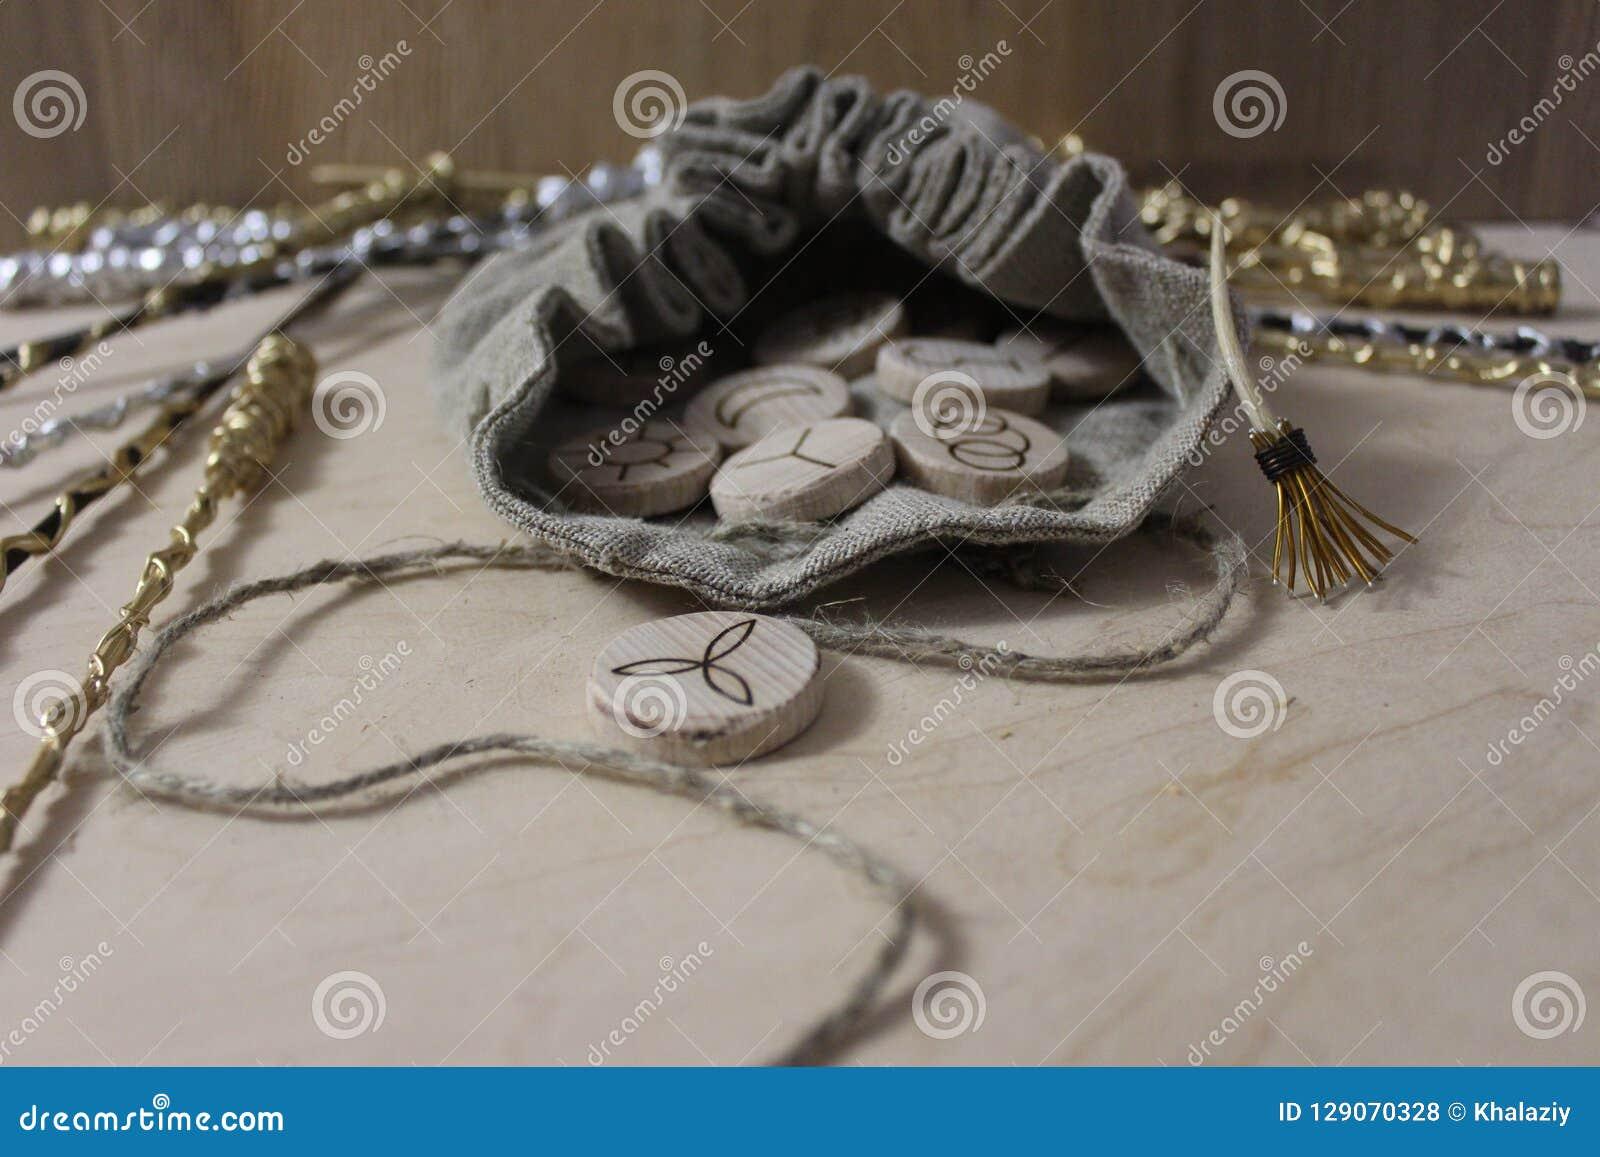 Czarownic runes i bieliźniana kieszonka